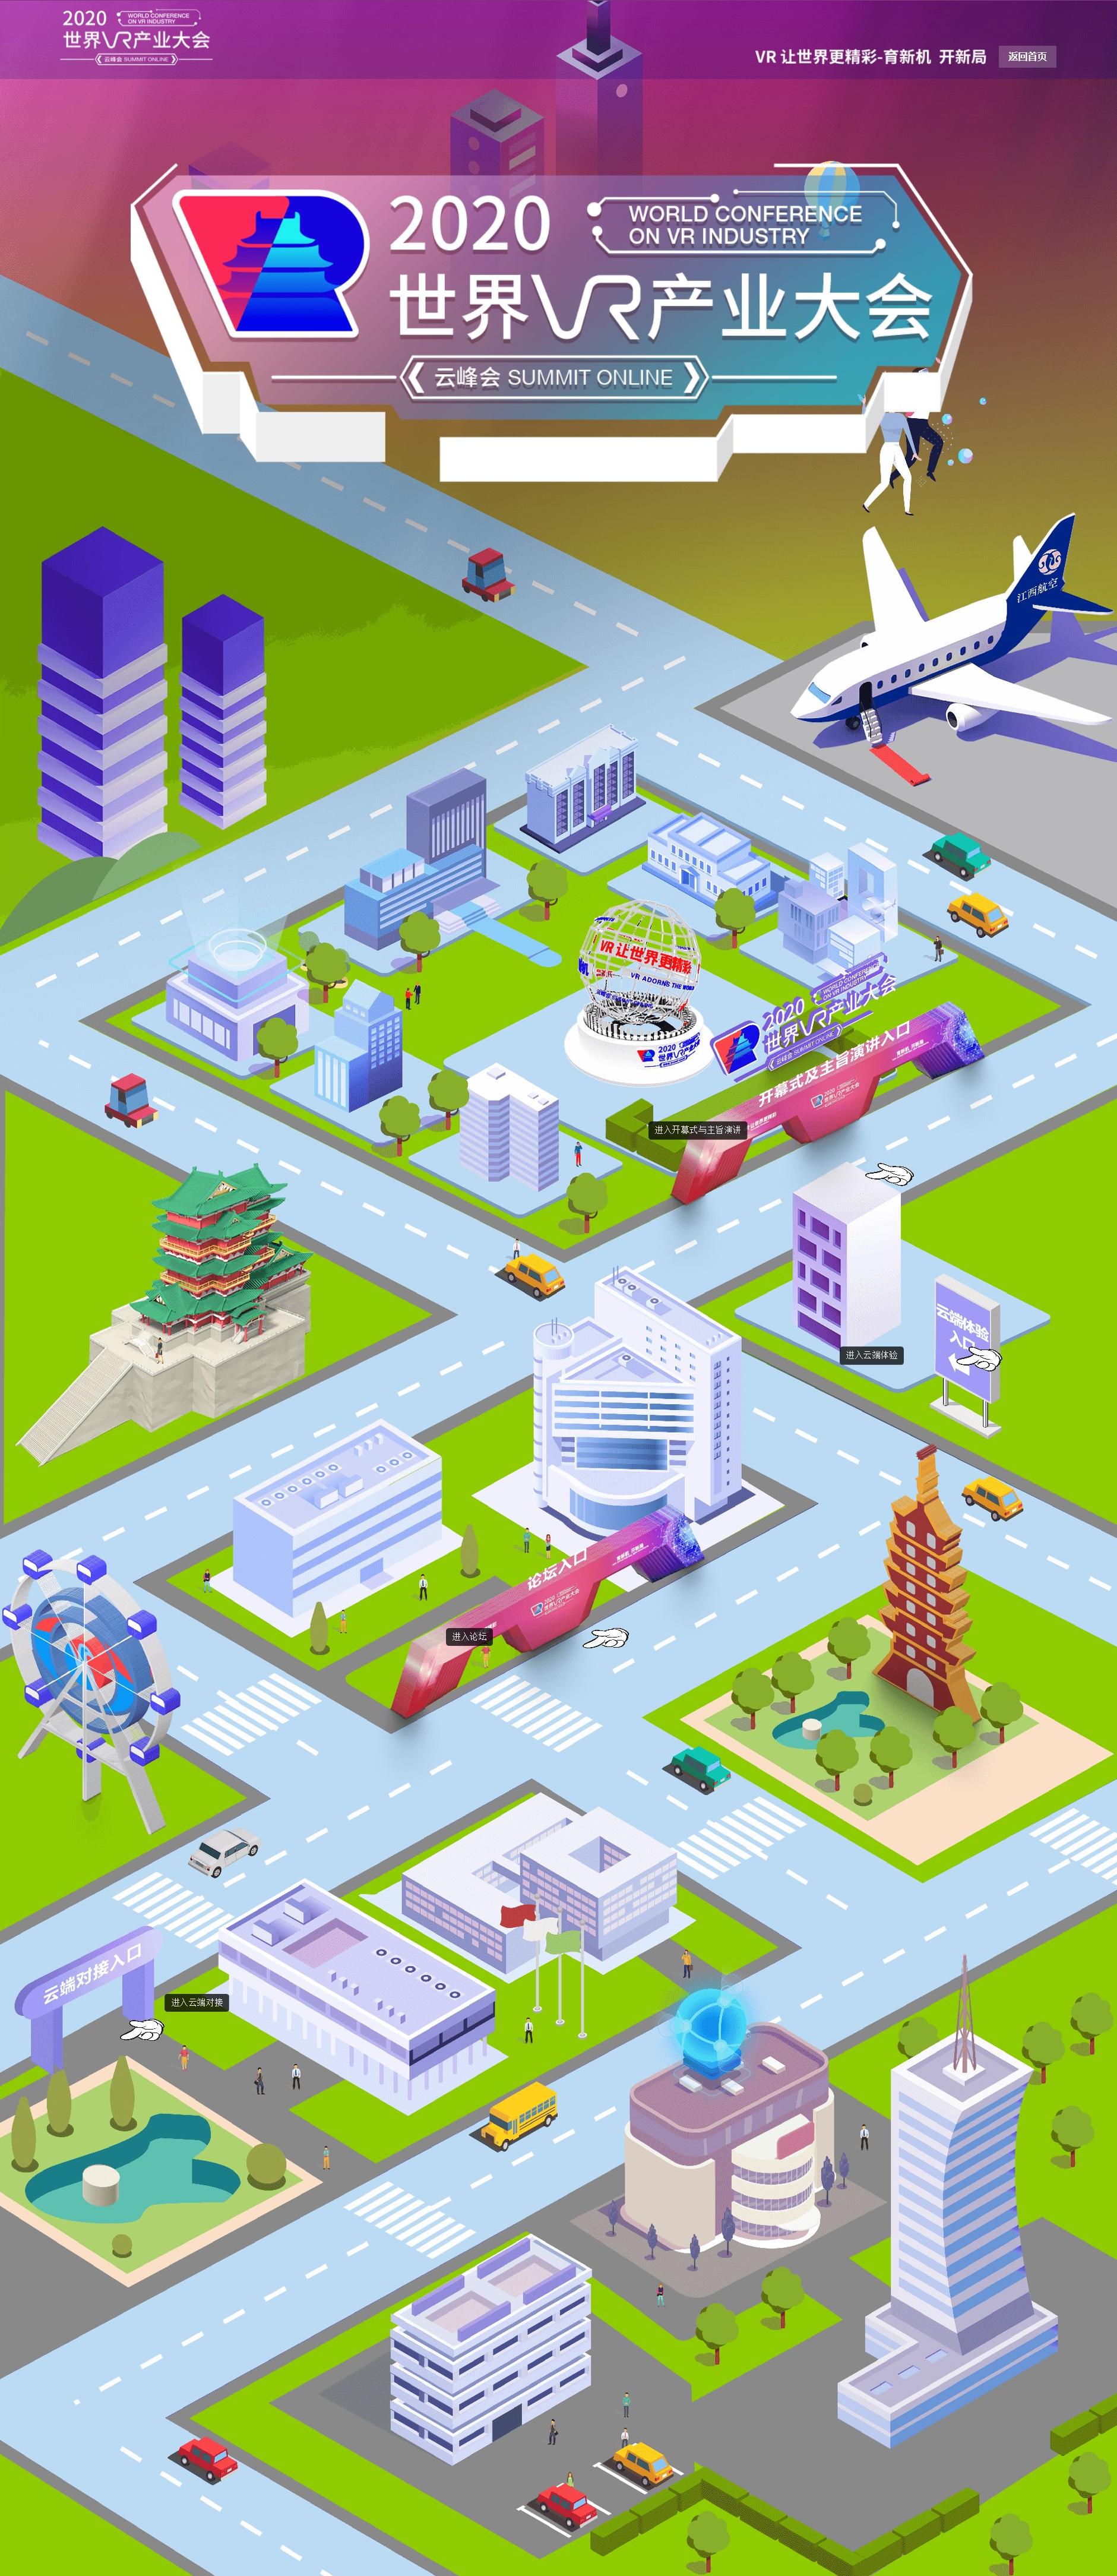 """""""新""""意满满,华为云助力2020世界VR产业大会"""